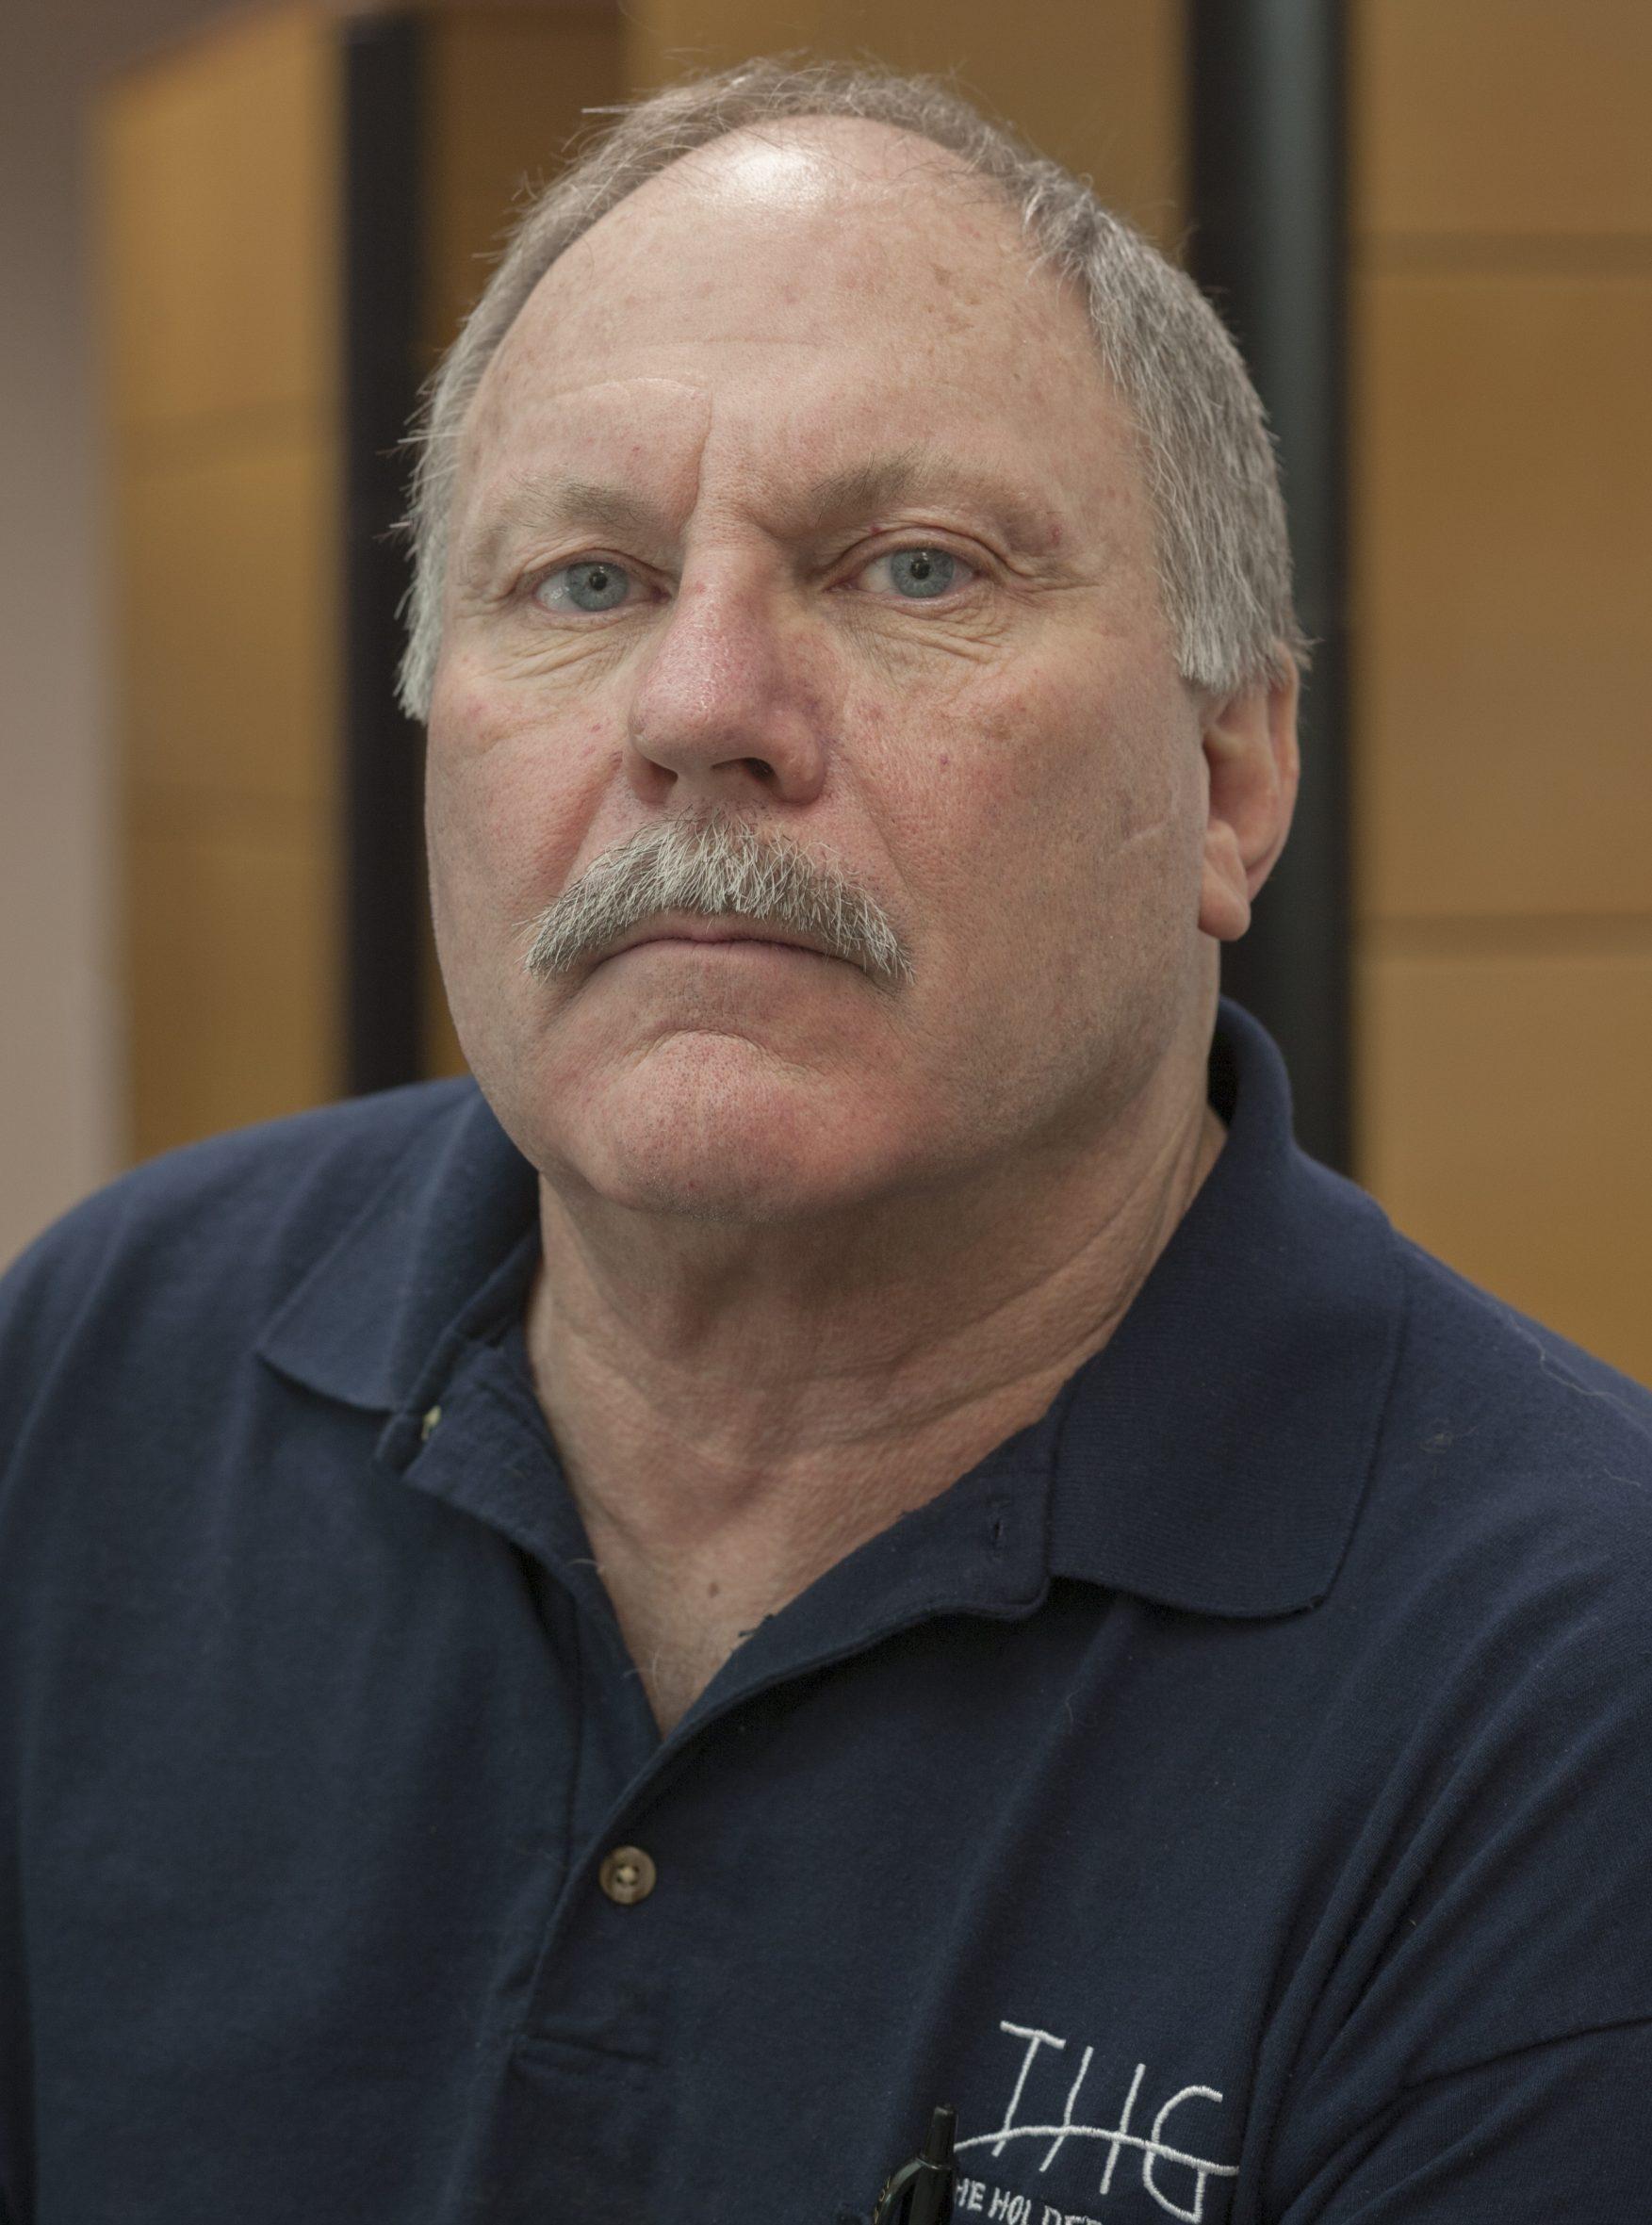 Jim Lazar